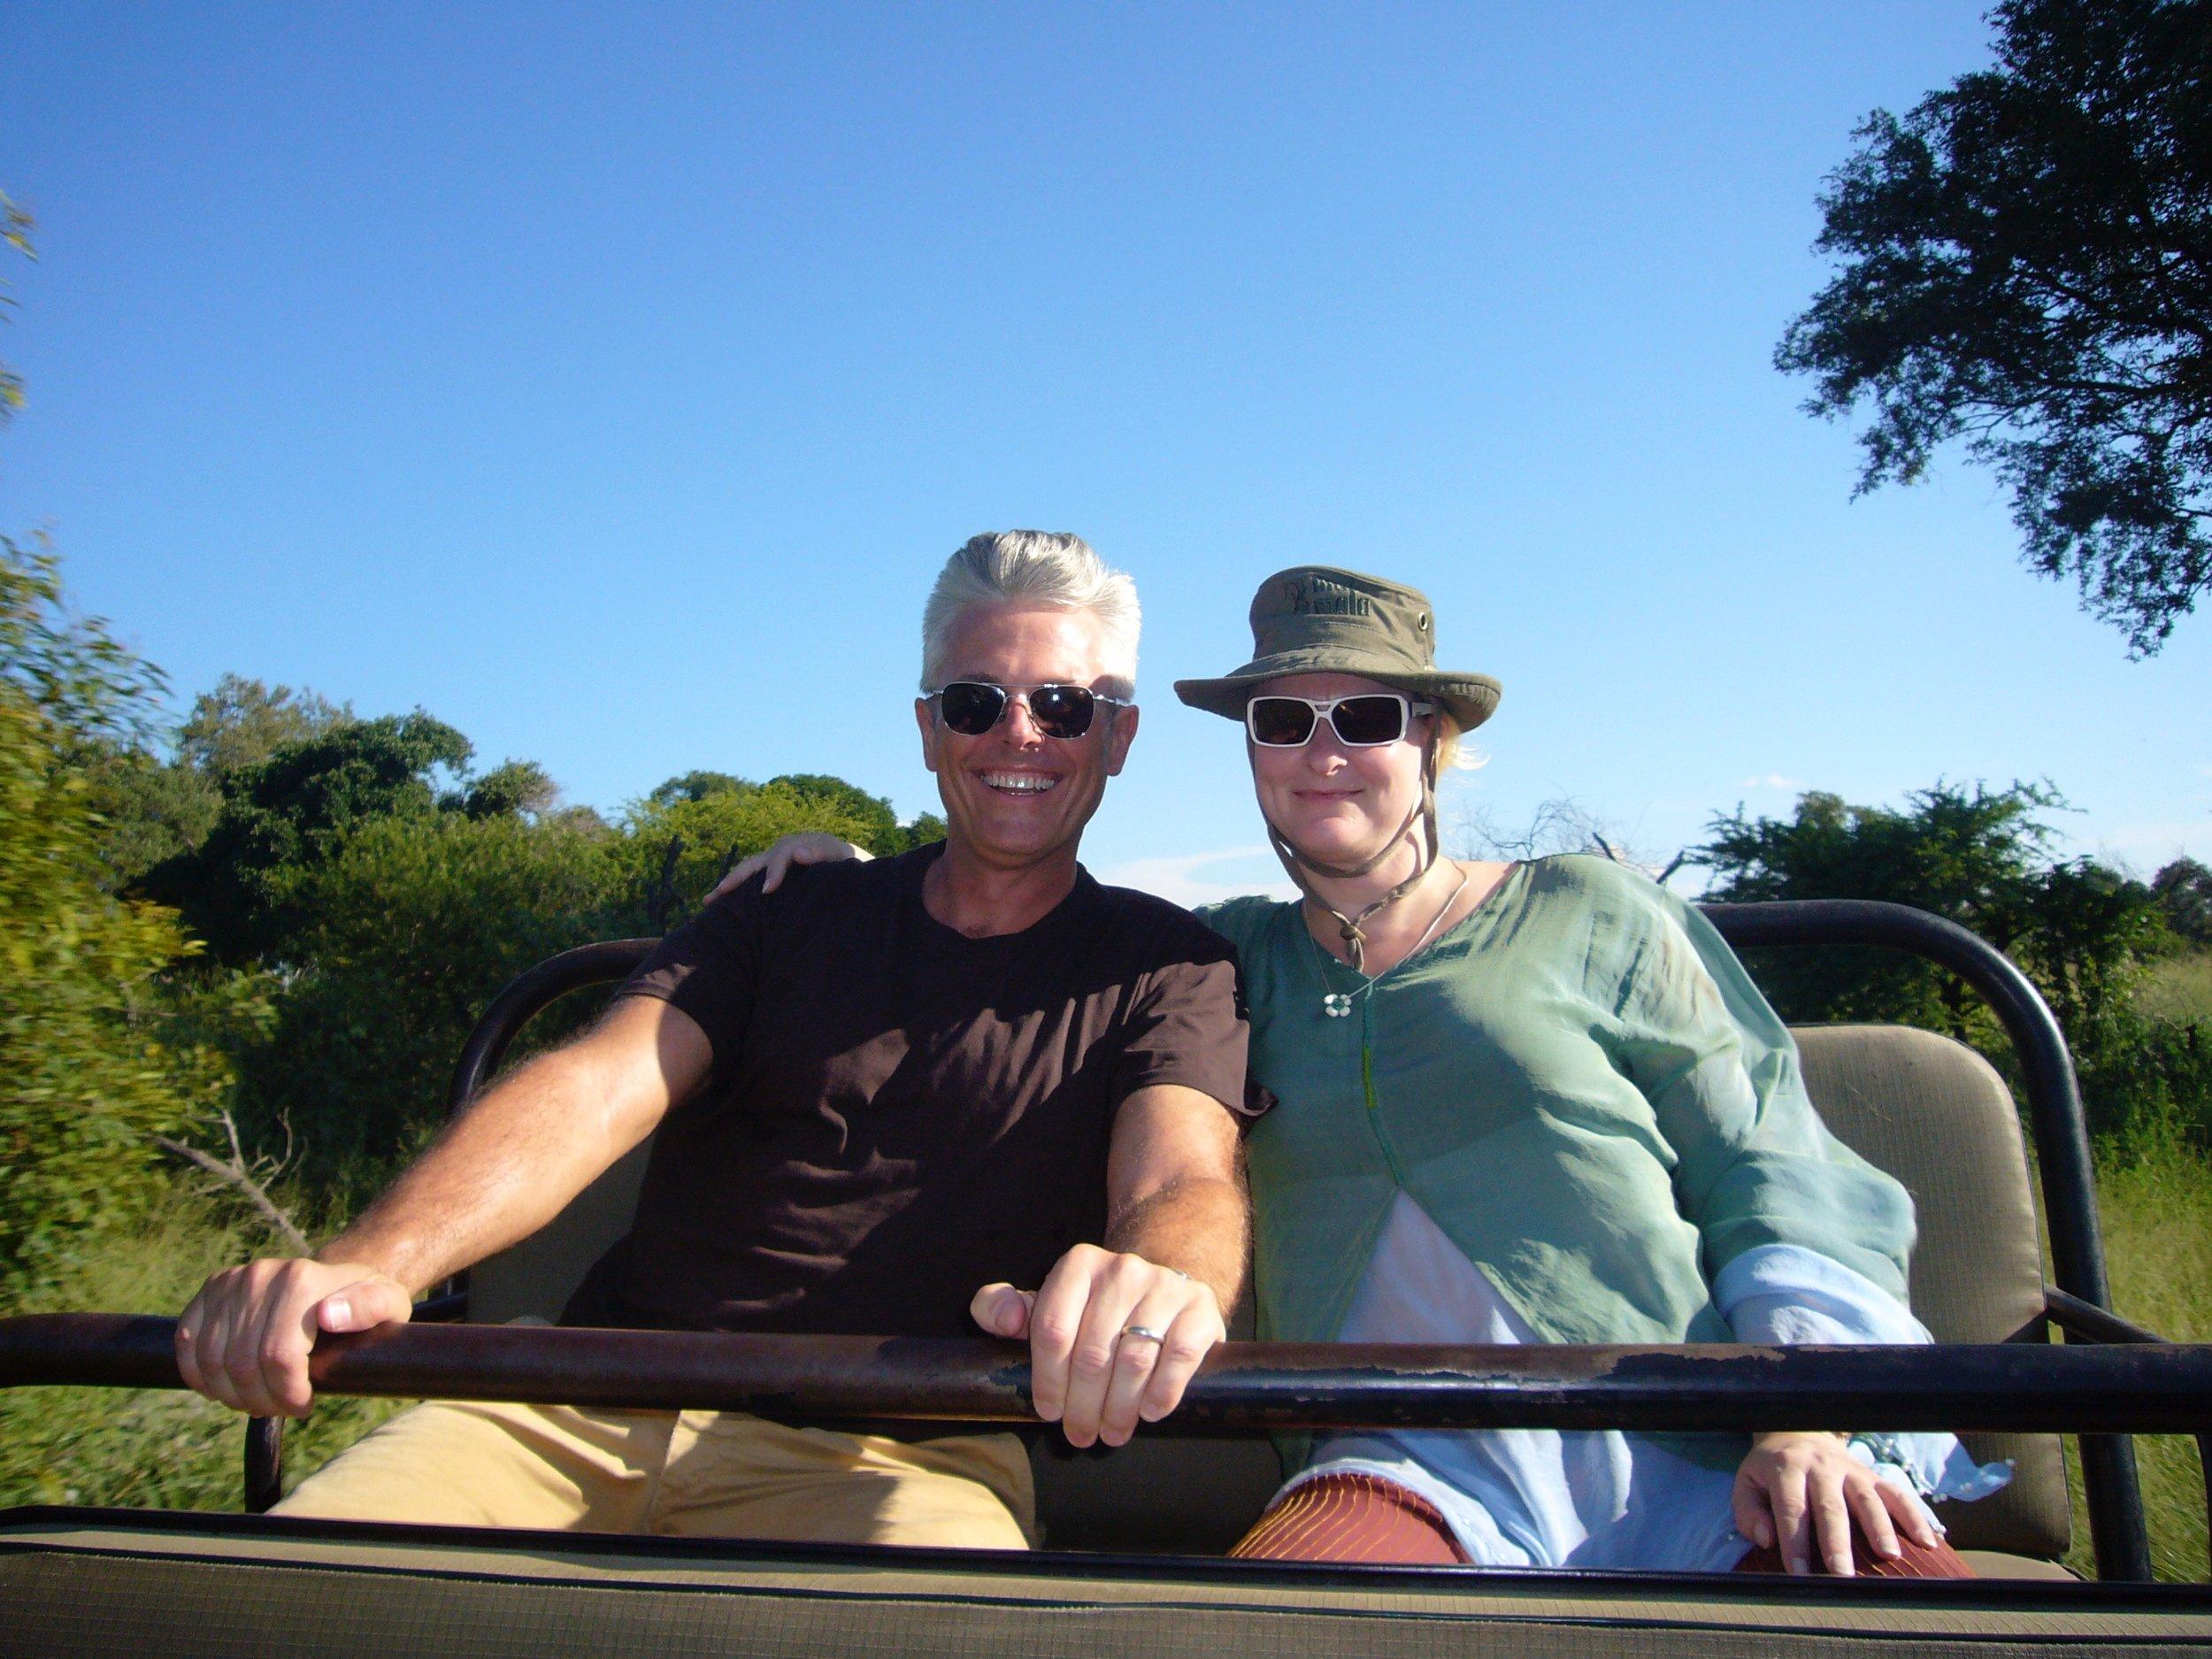 Actual safari in Africa, Sean Adams and Marian Bantjes